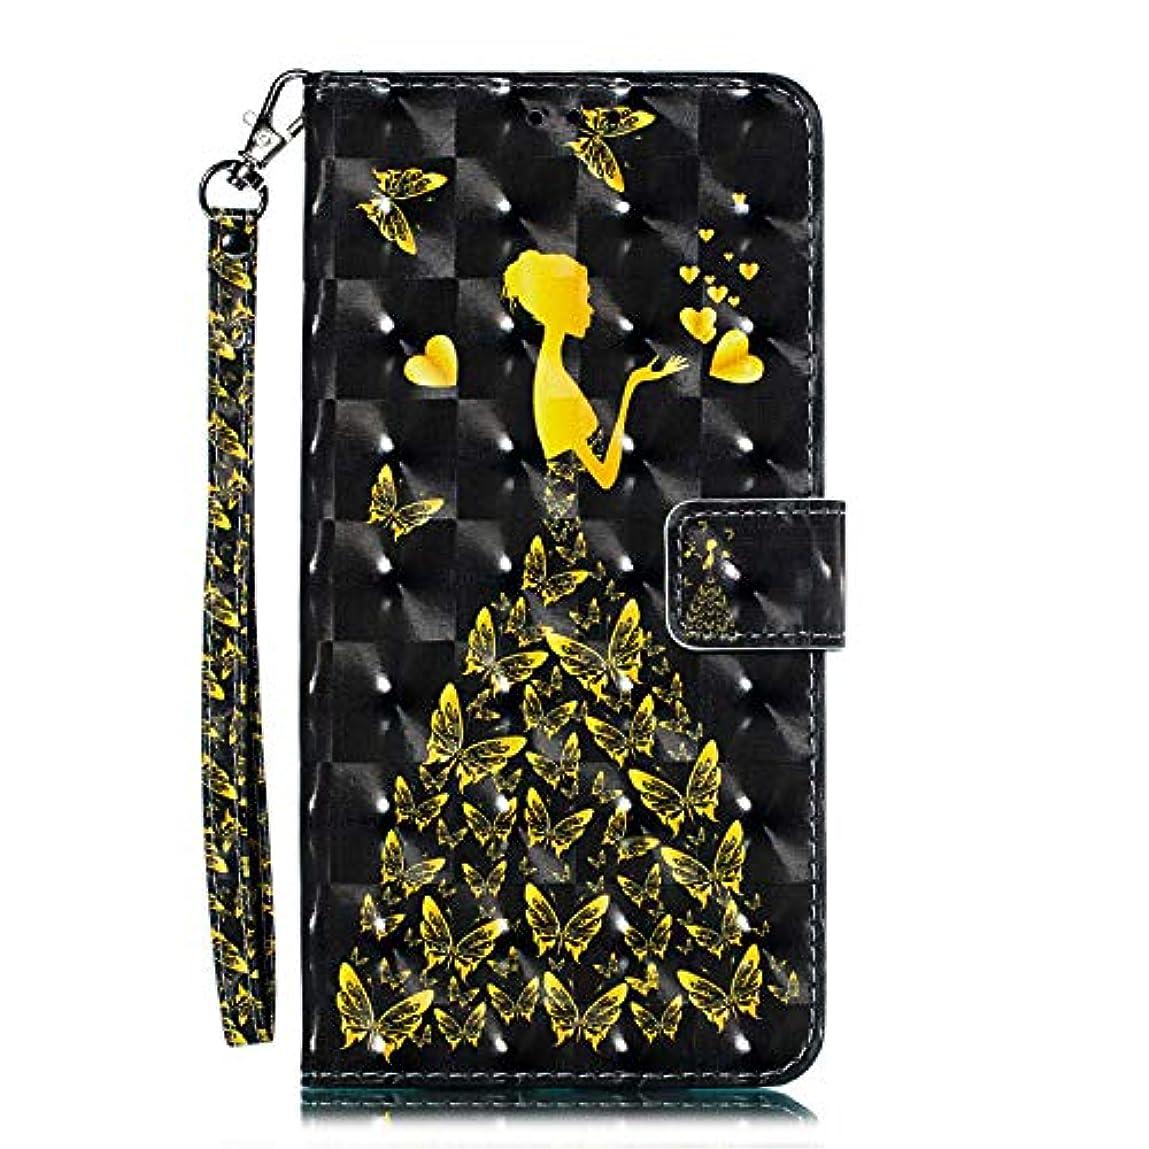 ほかにやけどコミットOMATENTI Galaxy M30 ケース, トレンディでクール 人気 新製品 薄型 PU レザー 財布型 ケース, 3Dカラーパターン おしゃれ 手帳カバー き スタンド機能 マグネット開閉式 カード収納付 Galaxy M30 用 Case Cover, 蝶の少女